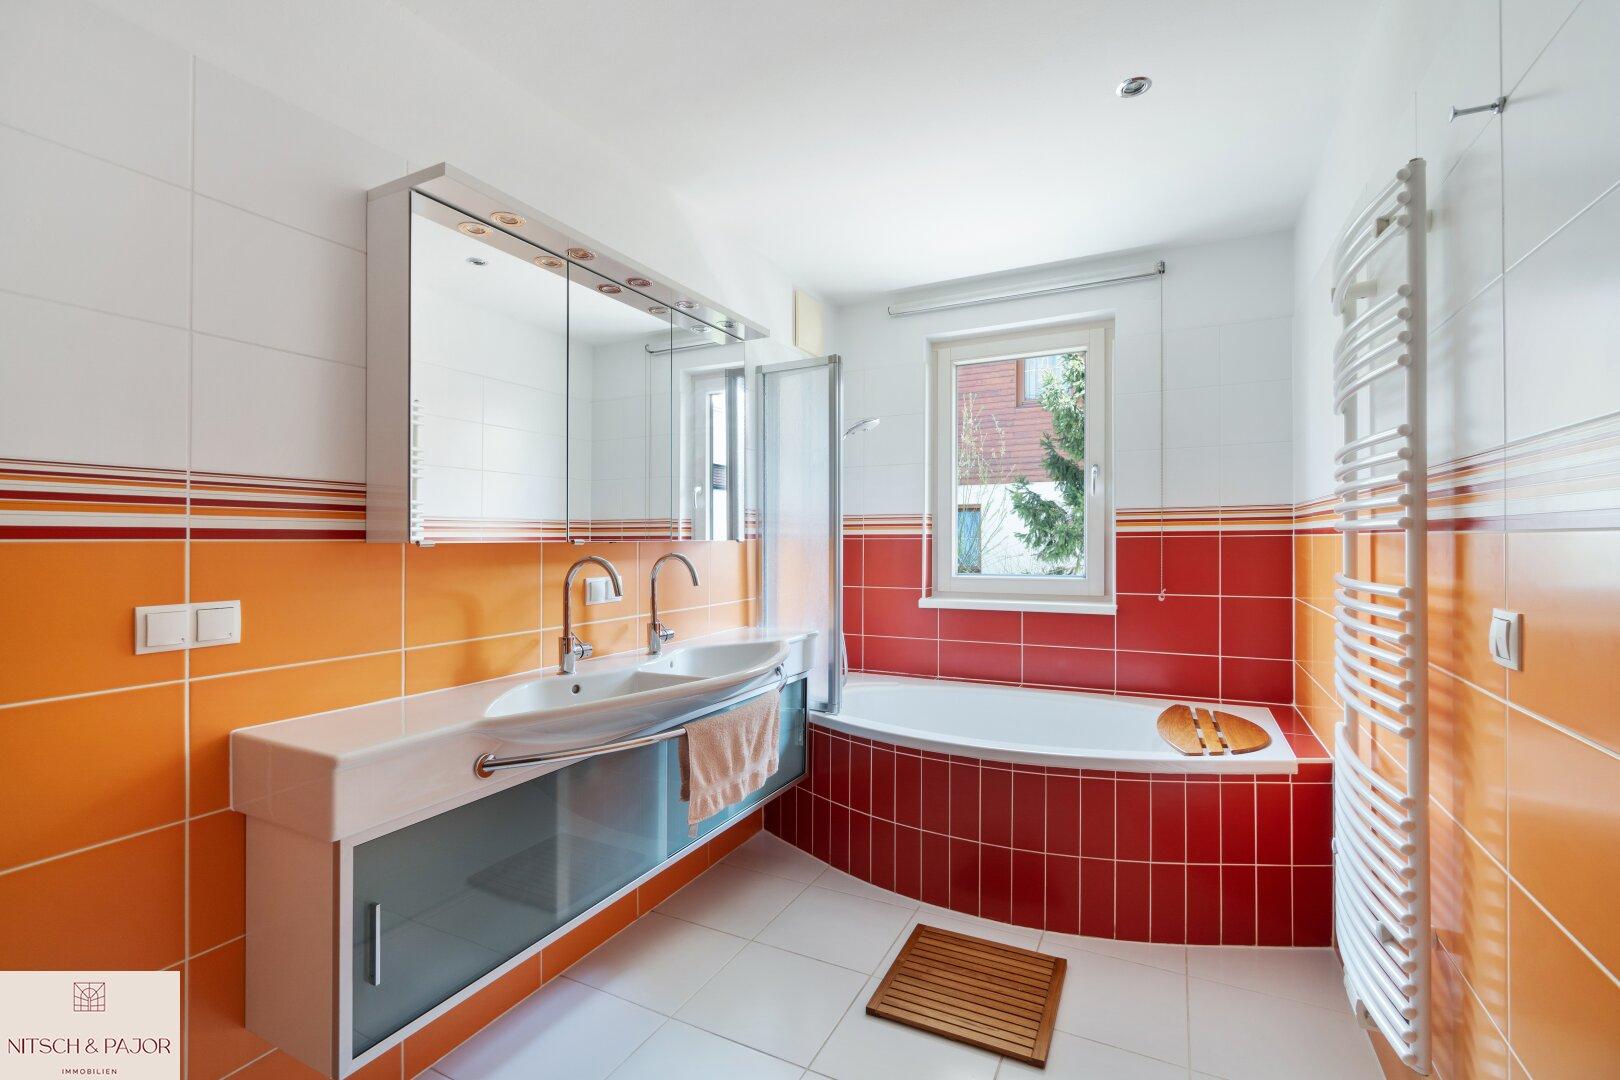 großes Badezimmer mit Doppelwaschbecken, Badewanne und Fenster OG